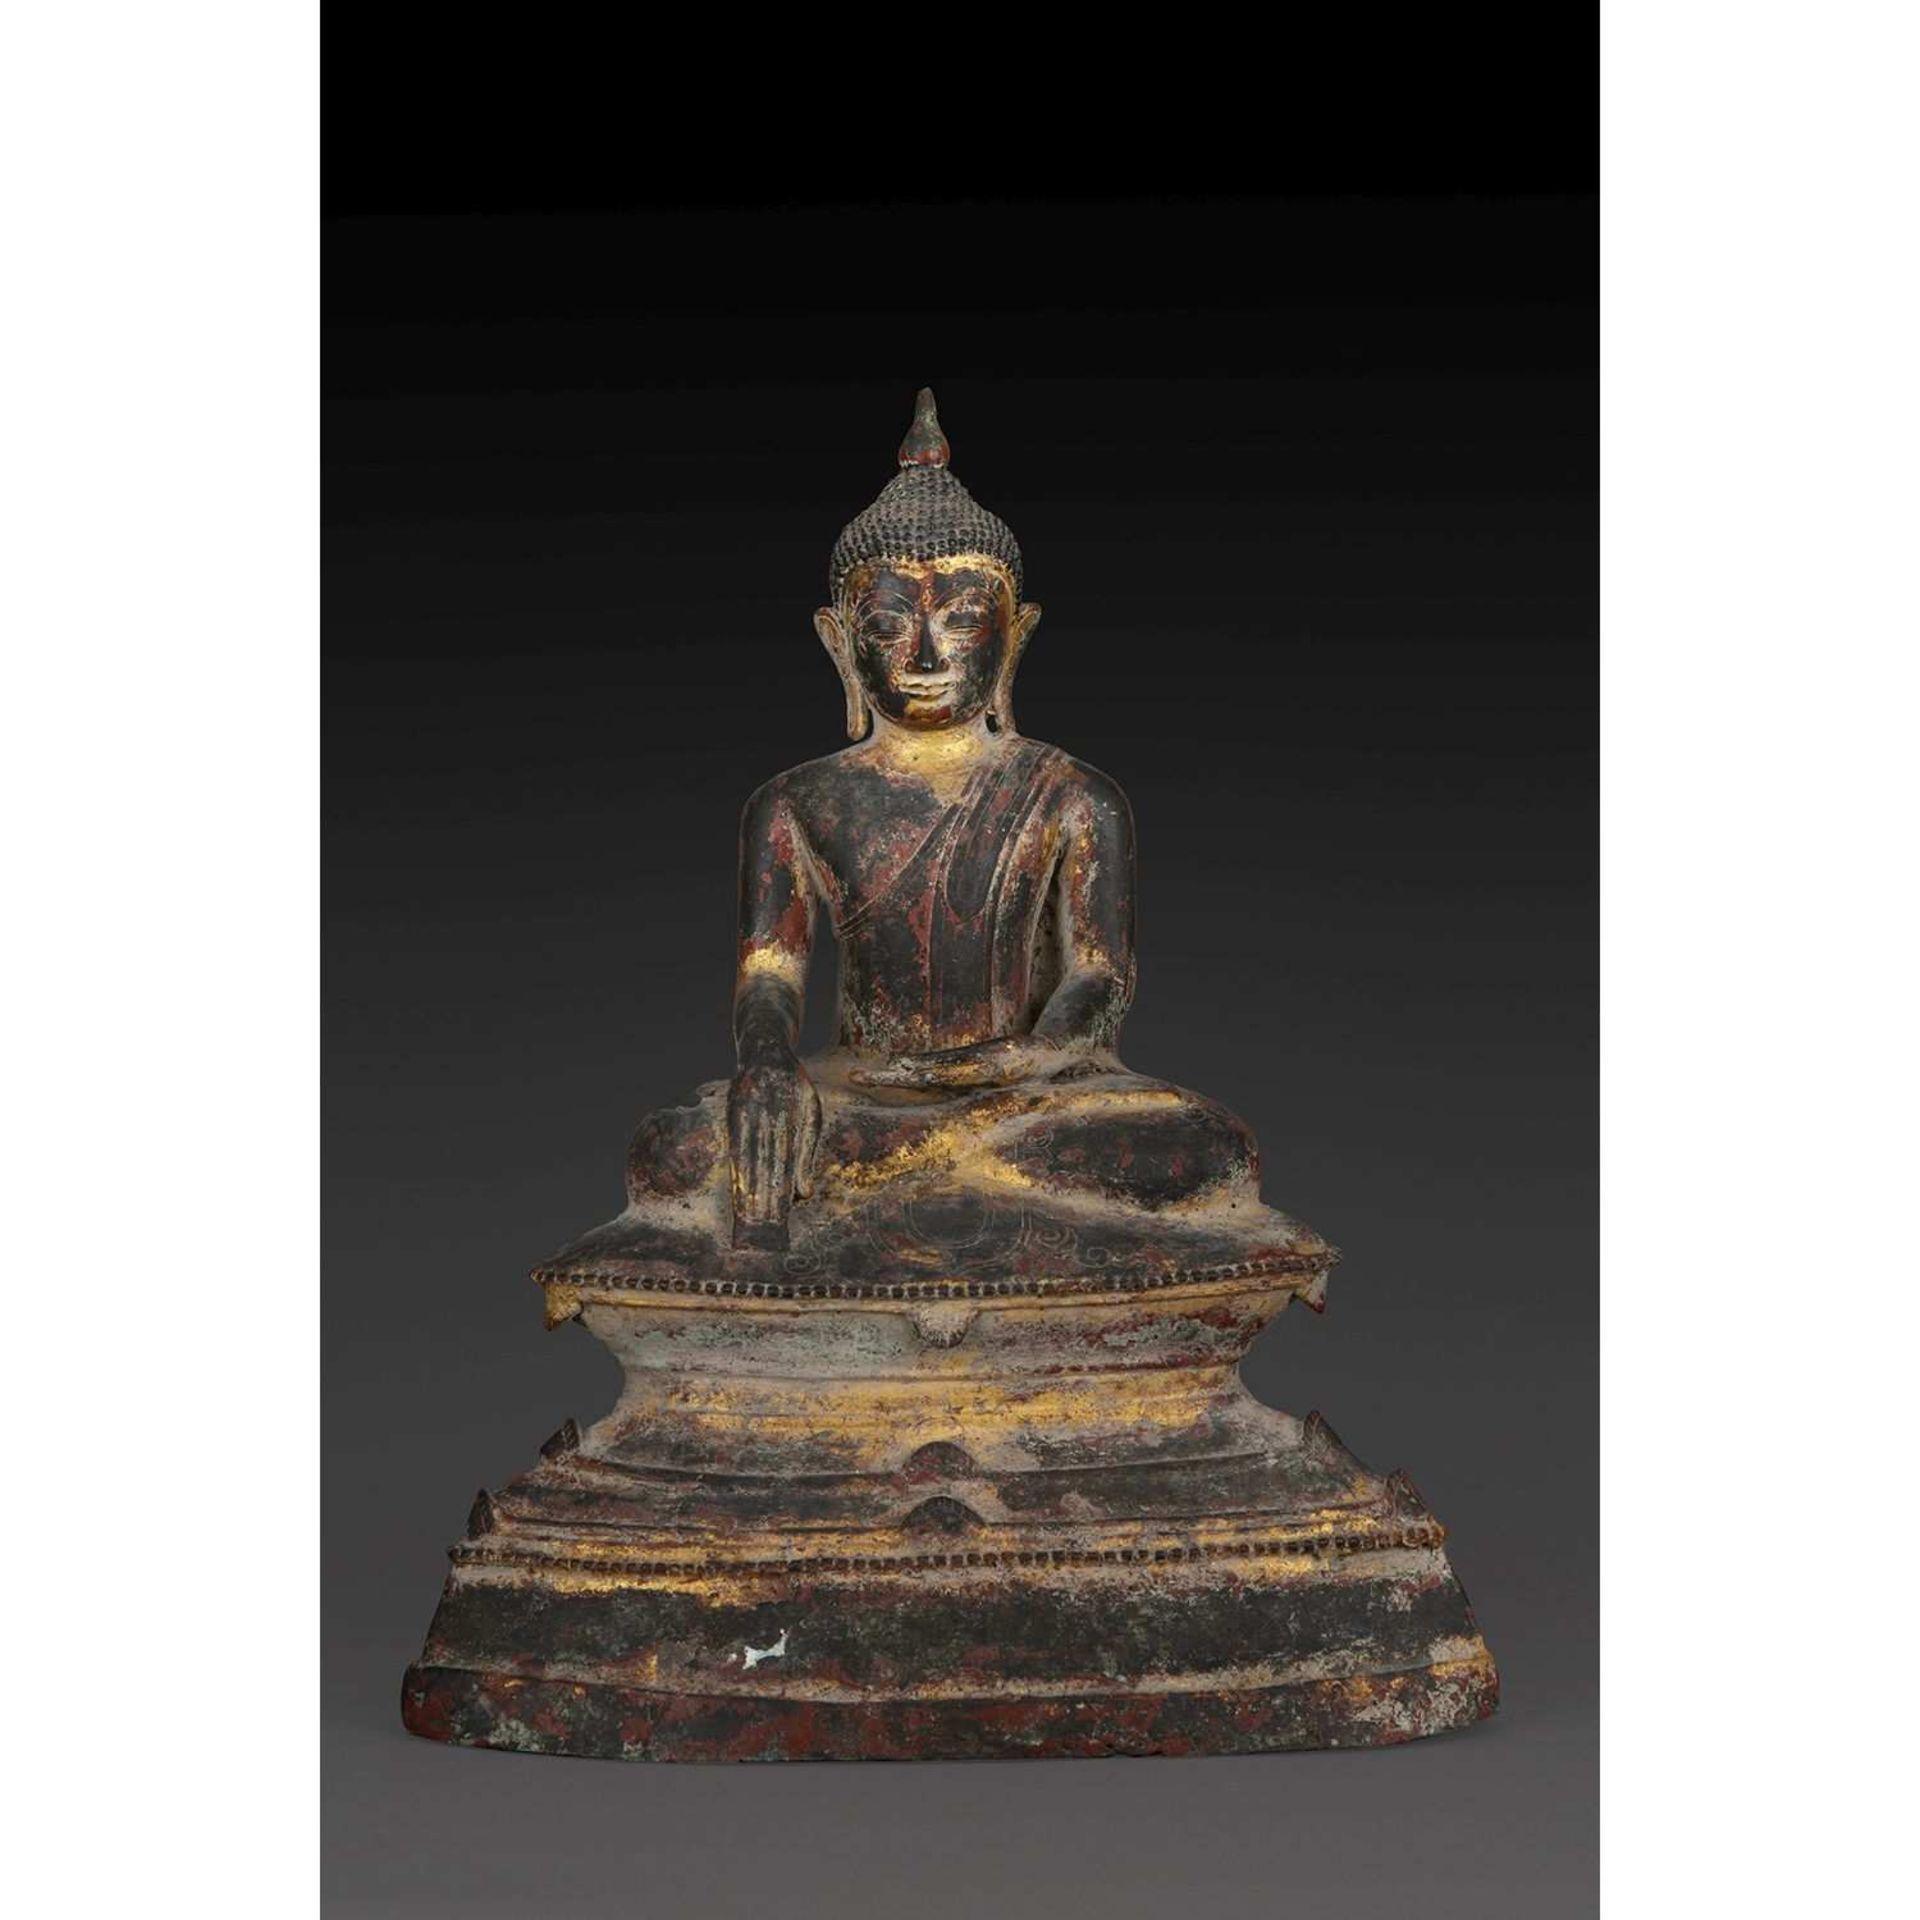 GRANDE STATUETTE DE BOUDDHA SHAKYAMUNI en bronze rehaussé de laque rouge et or, assis sur une